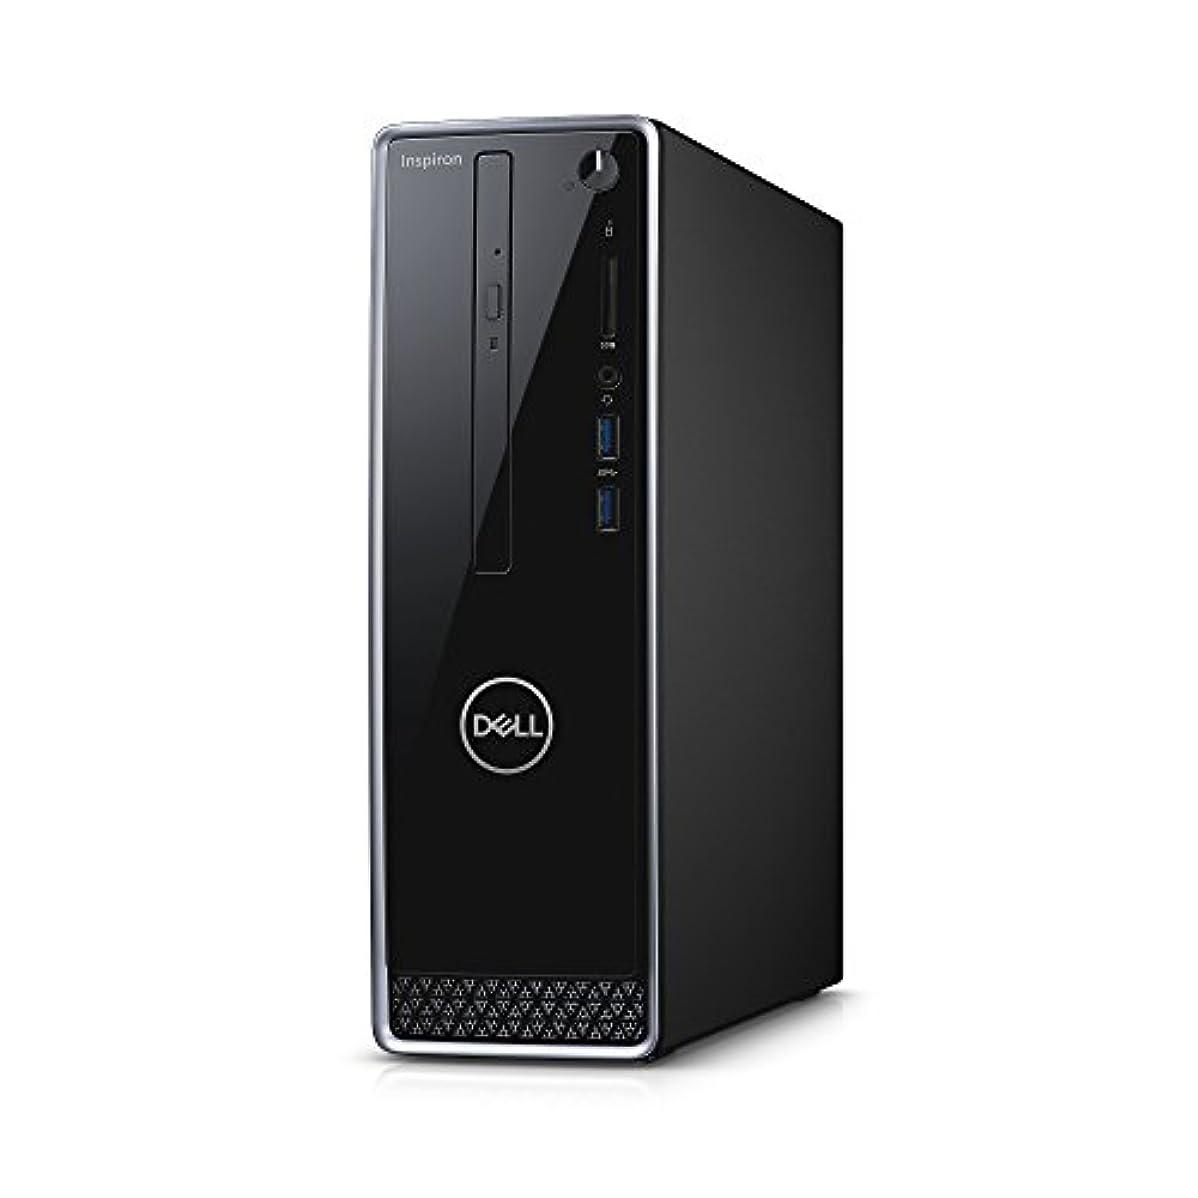 有料身元構成員Dell デスクトップパソコン Inspiron 3472 Celeron Office 19Q11HB/Windows10/4GB/1TB/HDD/DVD-RW